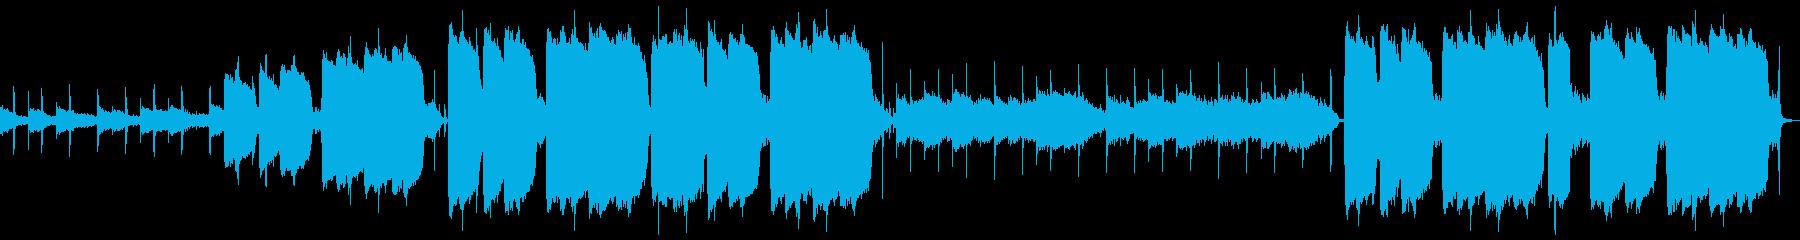 メロウなピアノのヒップホップの再生済みの波形